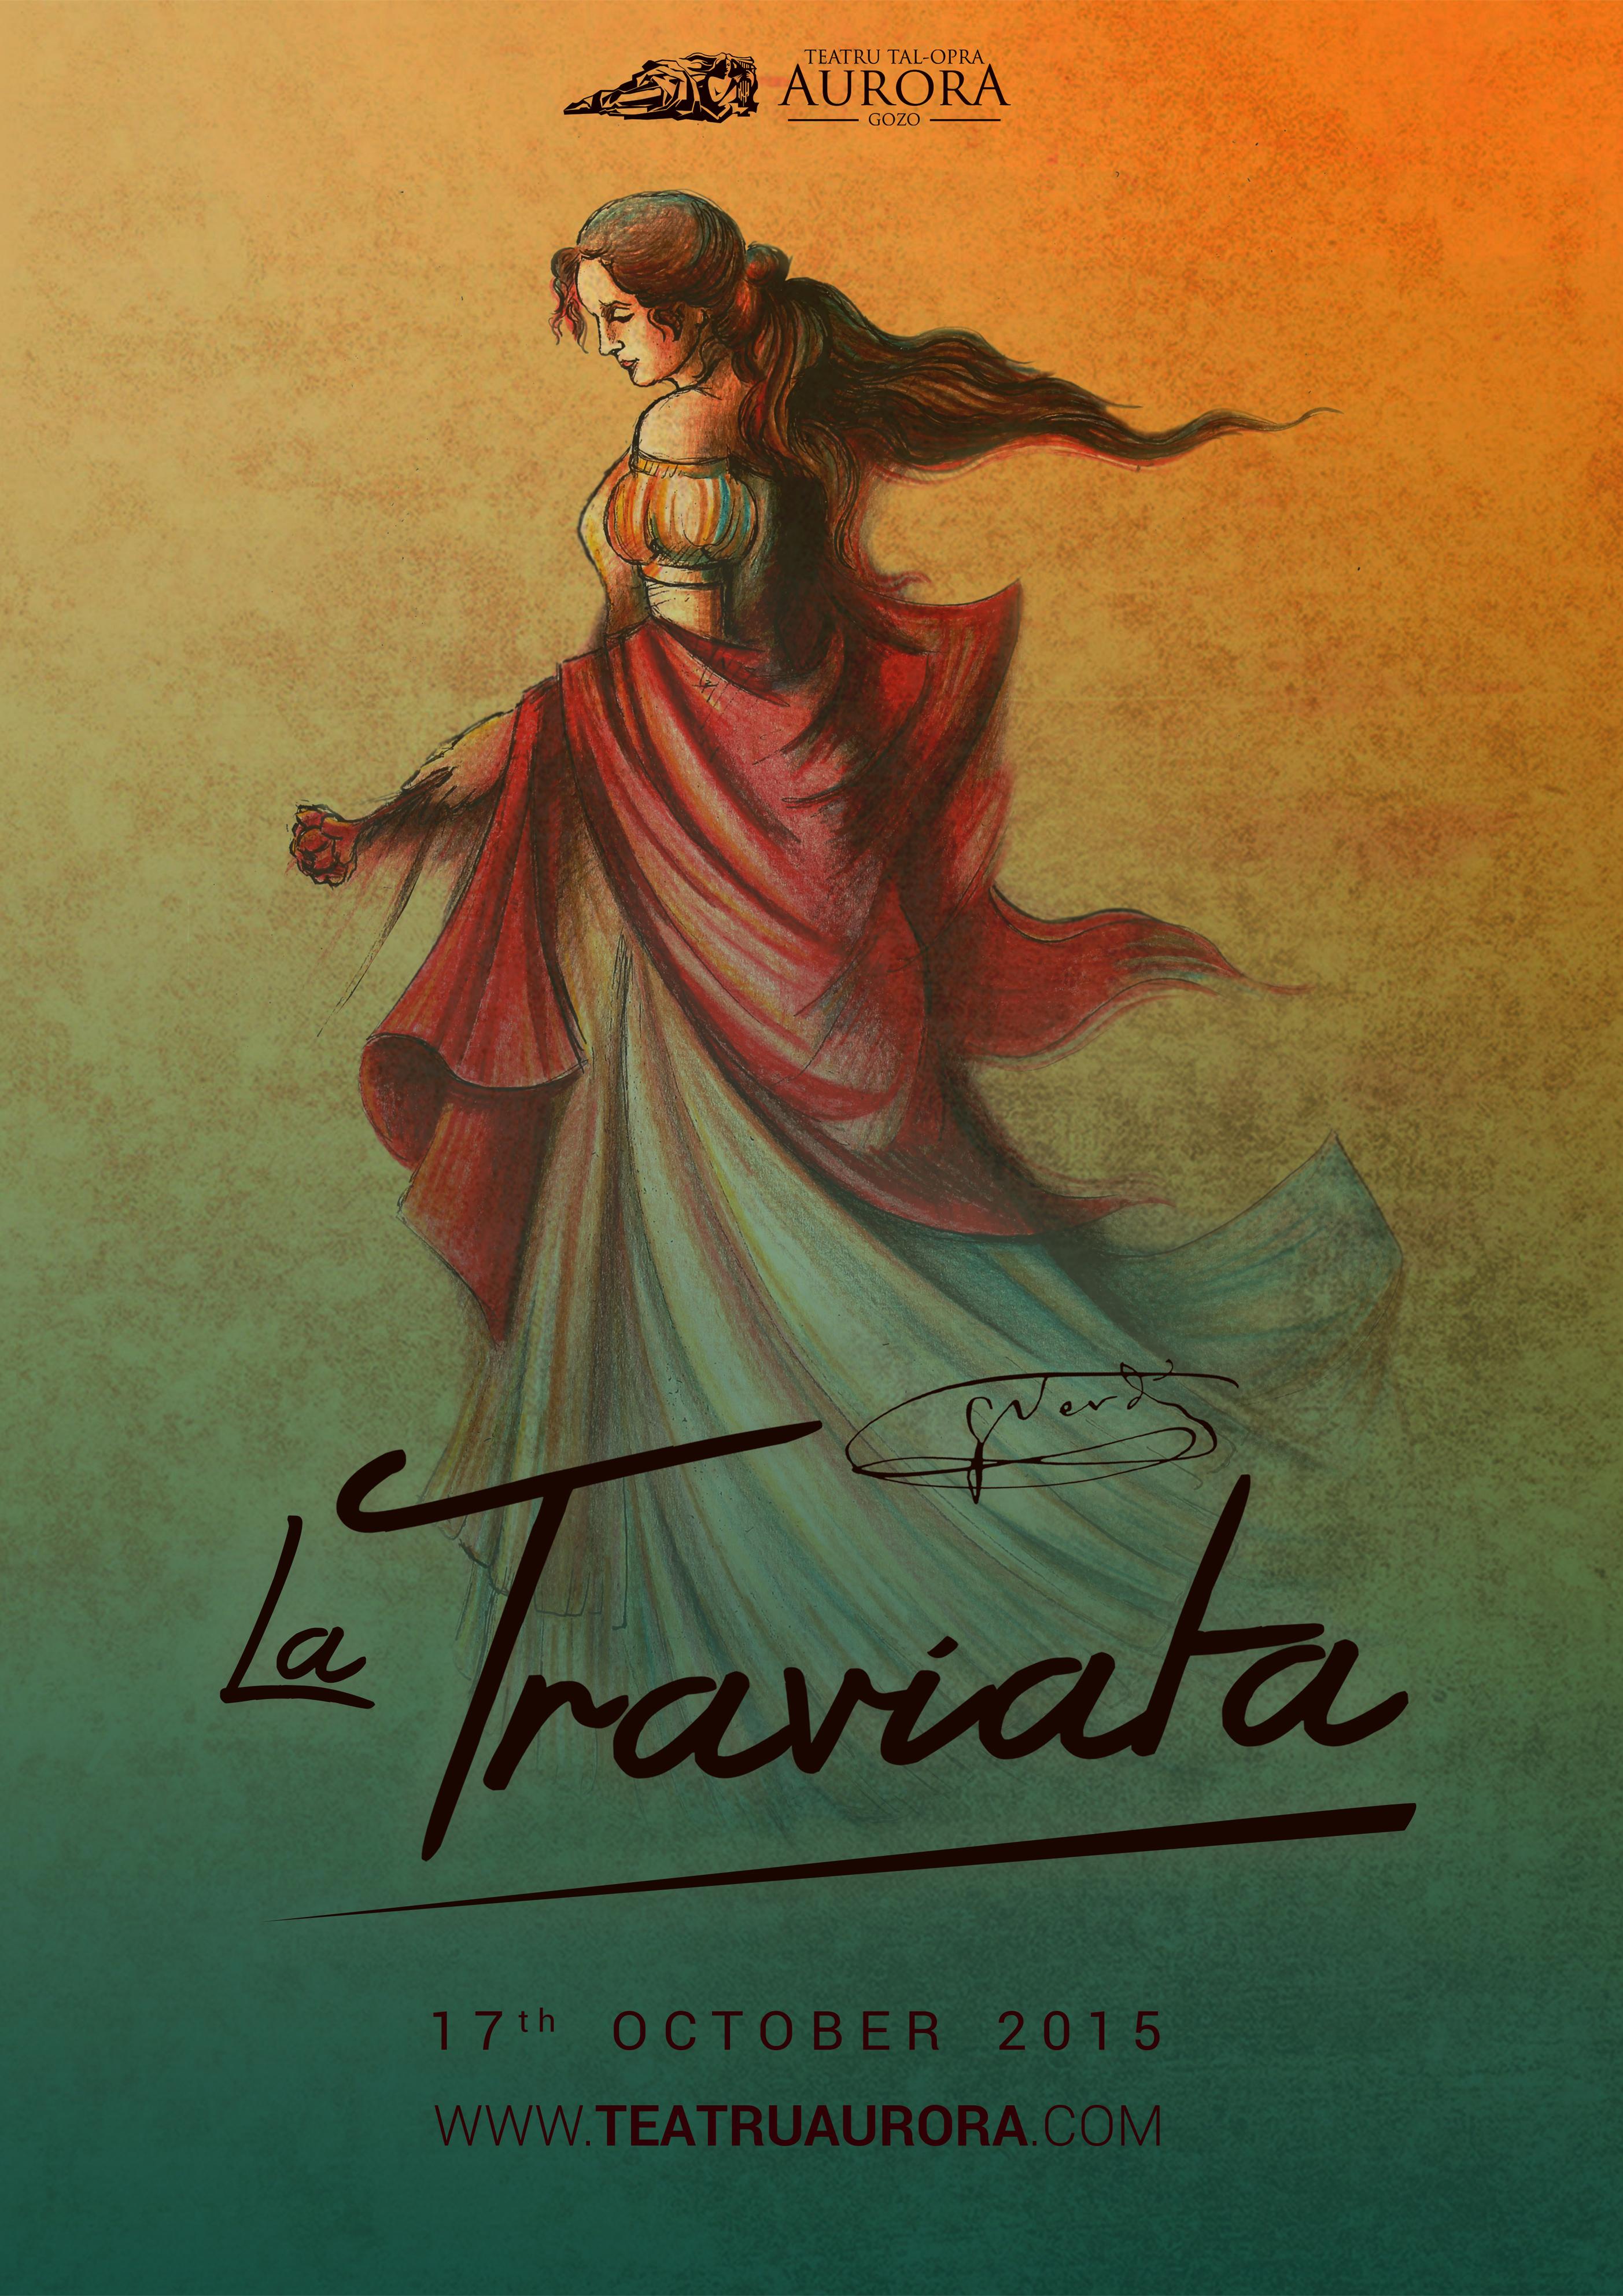 La Traviata  - Opera Production